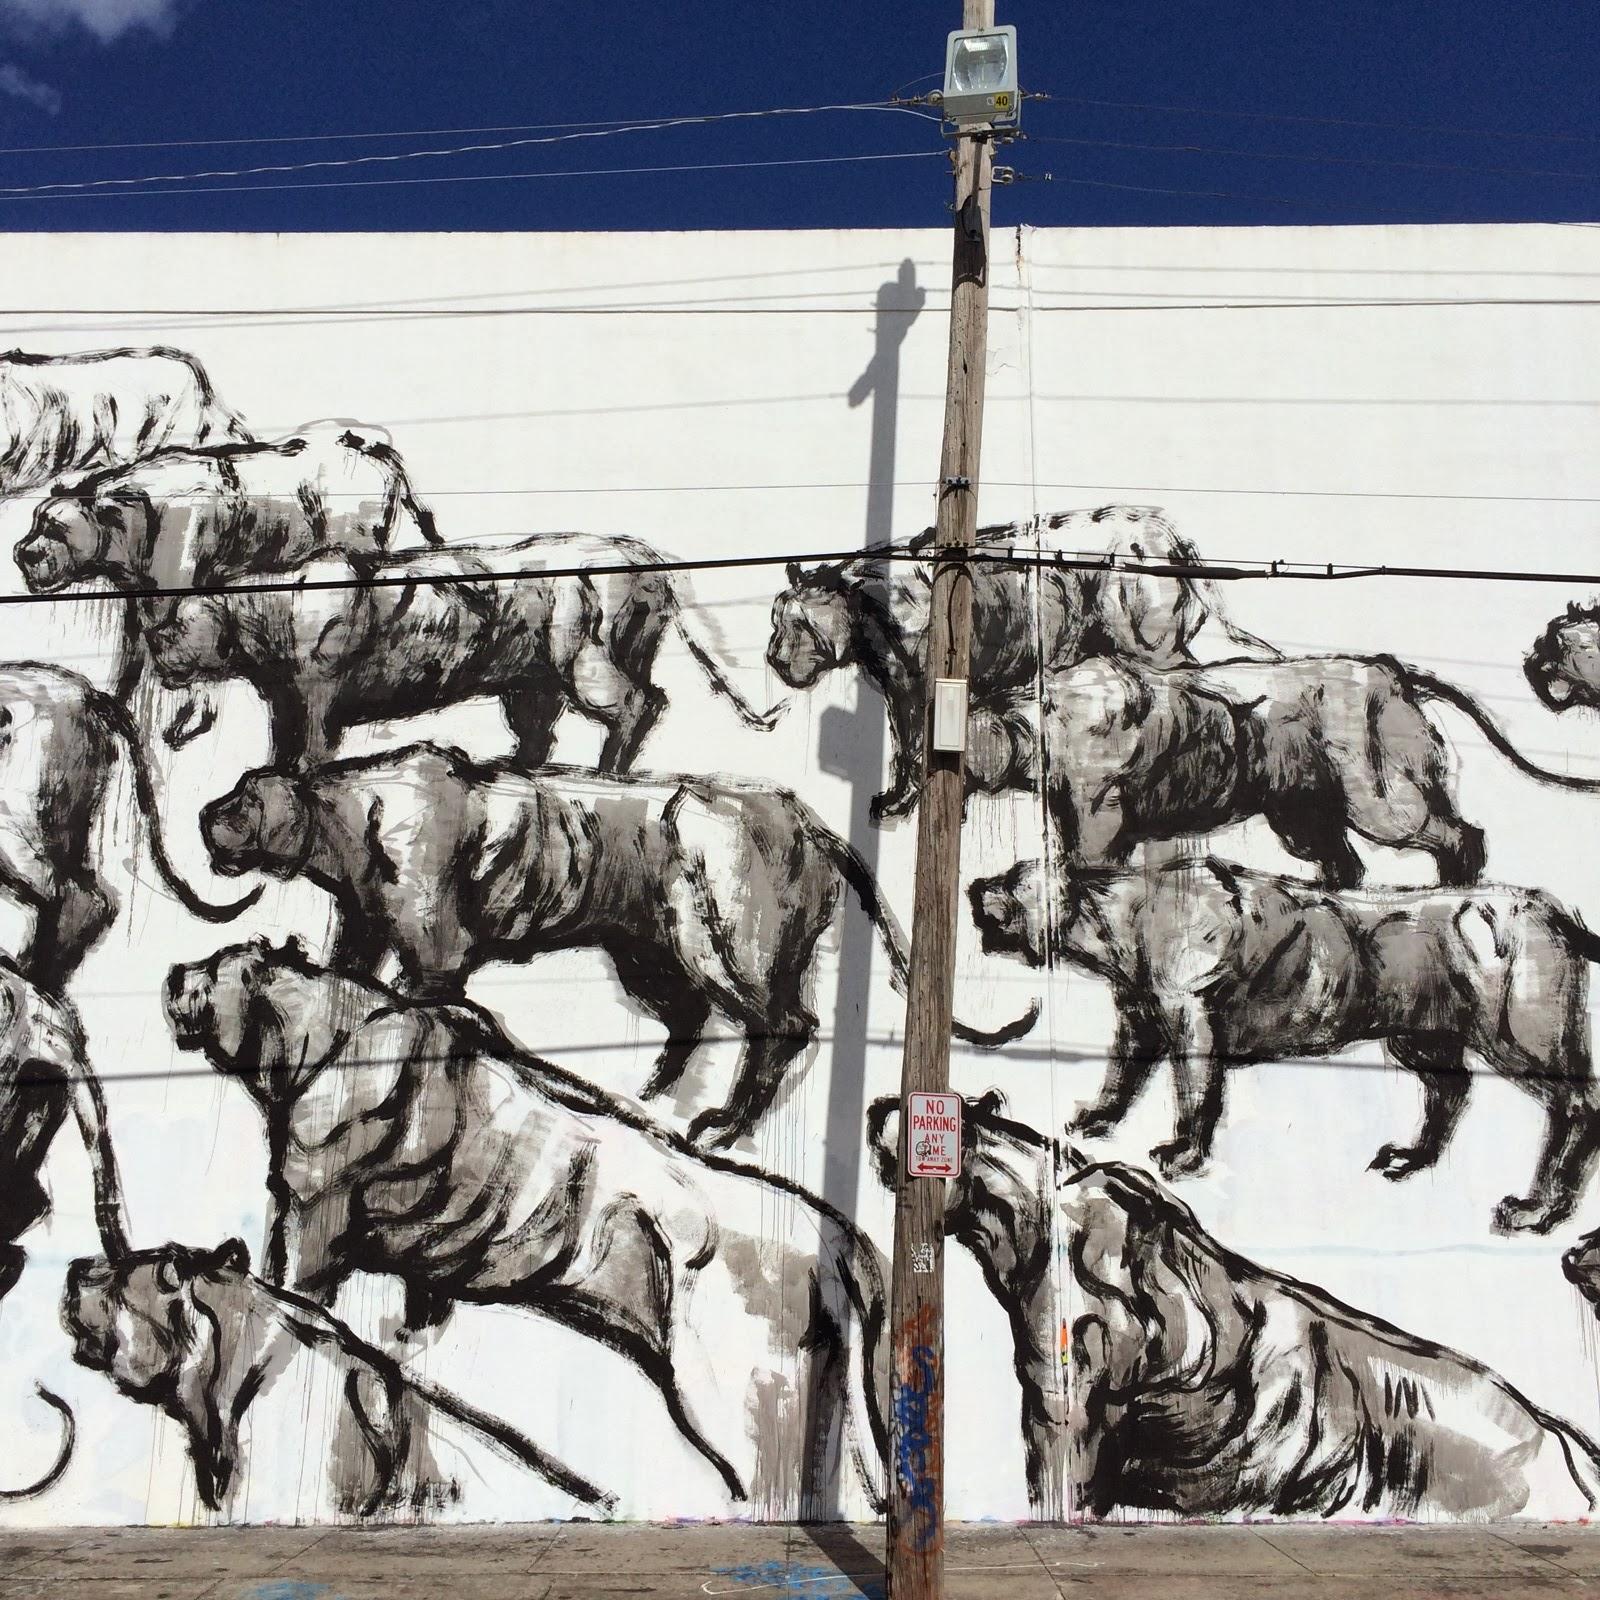 jaz-miami-new-mural-for-art-basel-2013-04